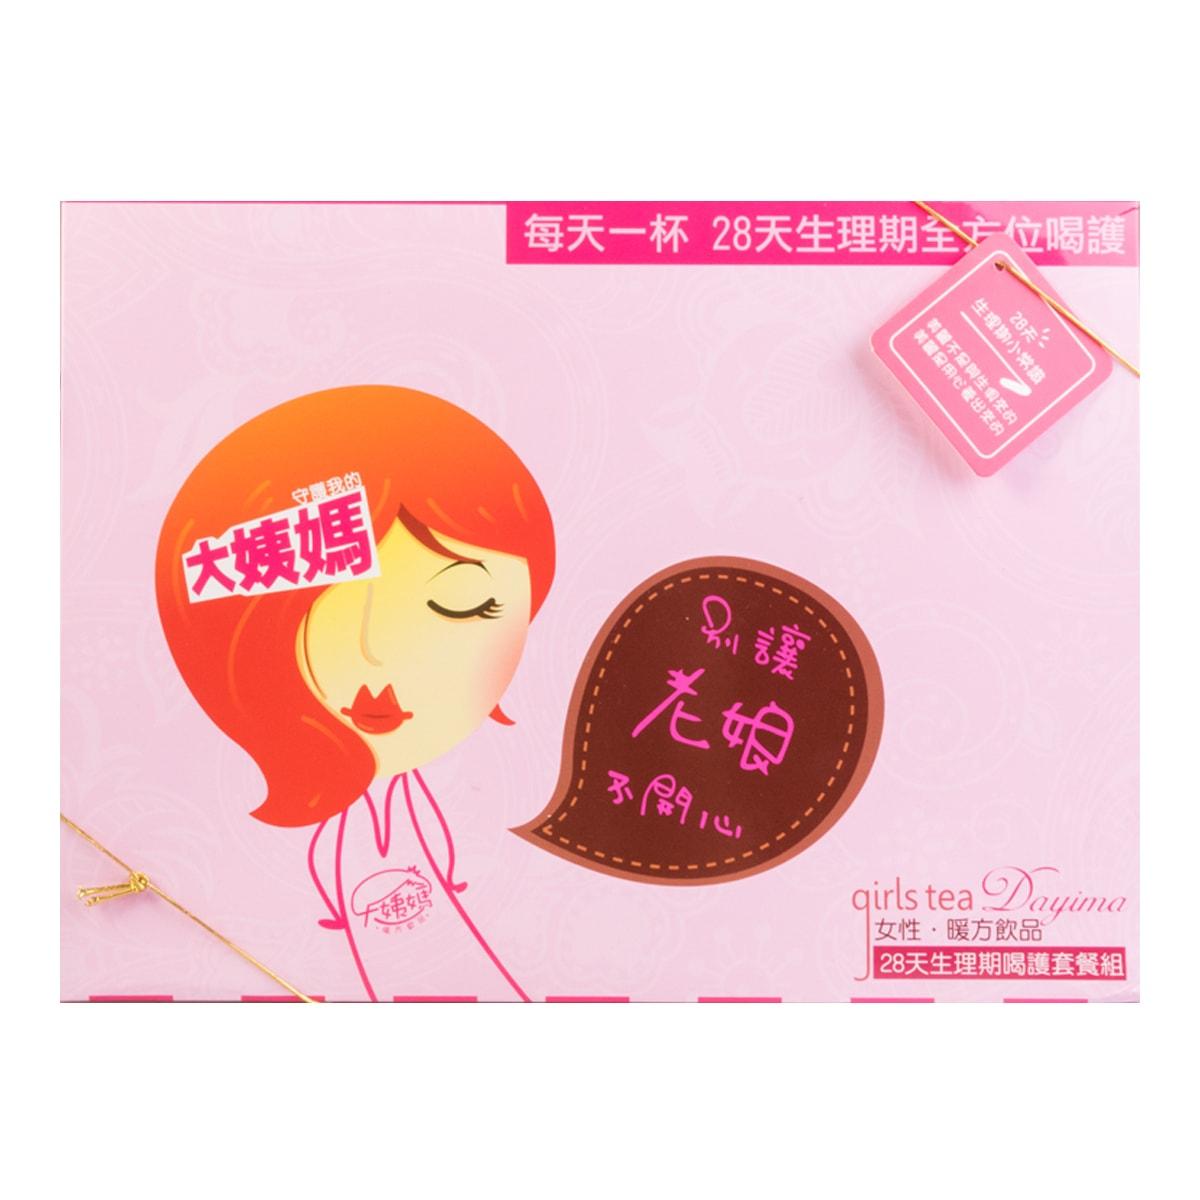 台湾大姨妈 28天生理周期6阶段礼盒茶 28包入 840g